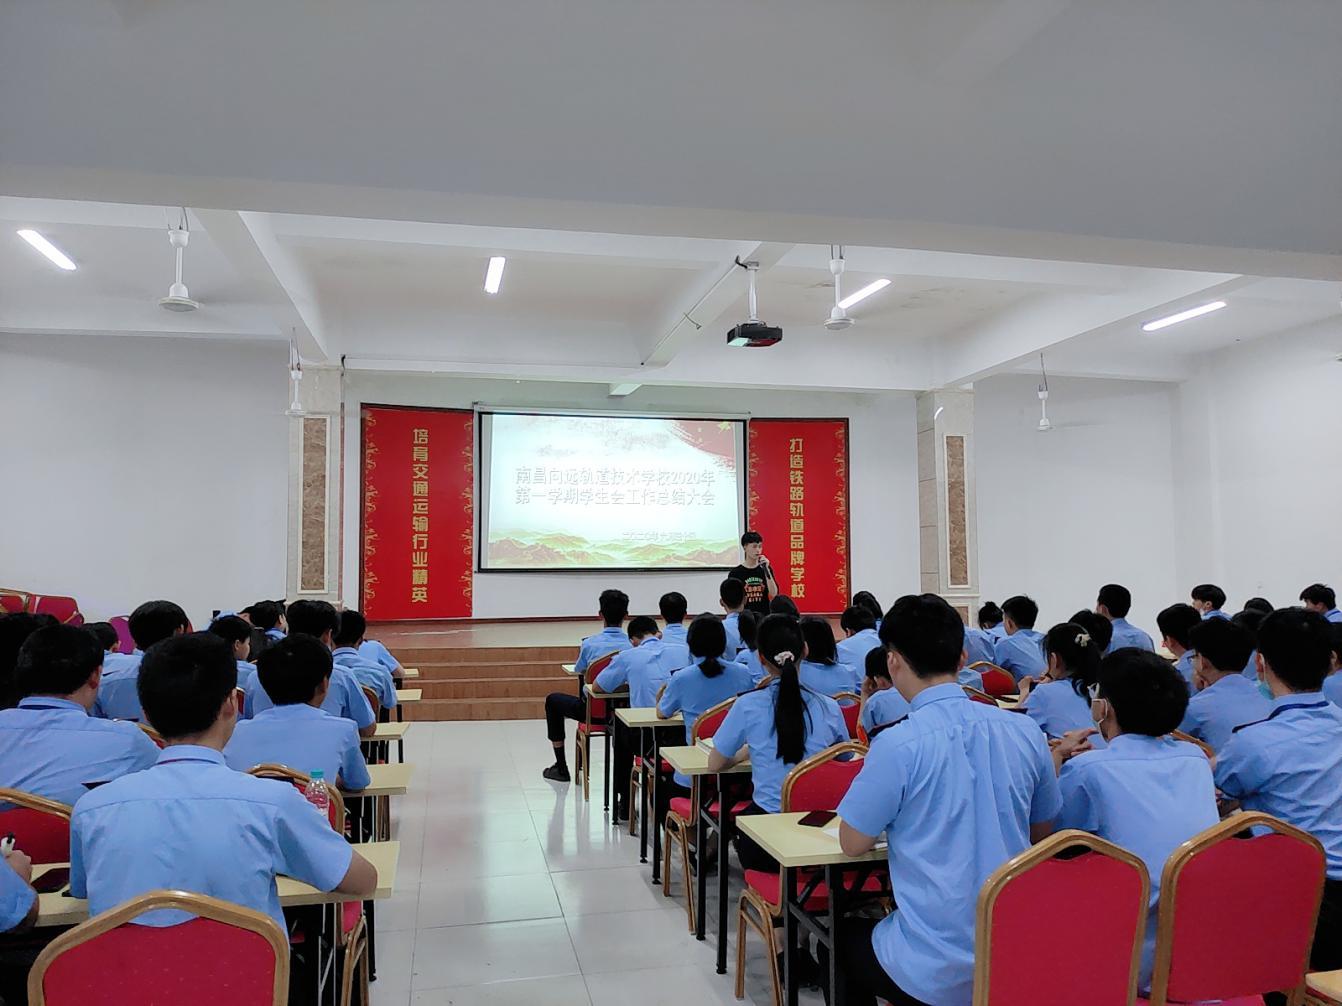 南昌向远铁路技术学校学生会总结大会圆满举办